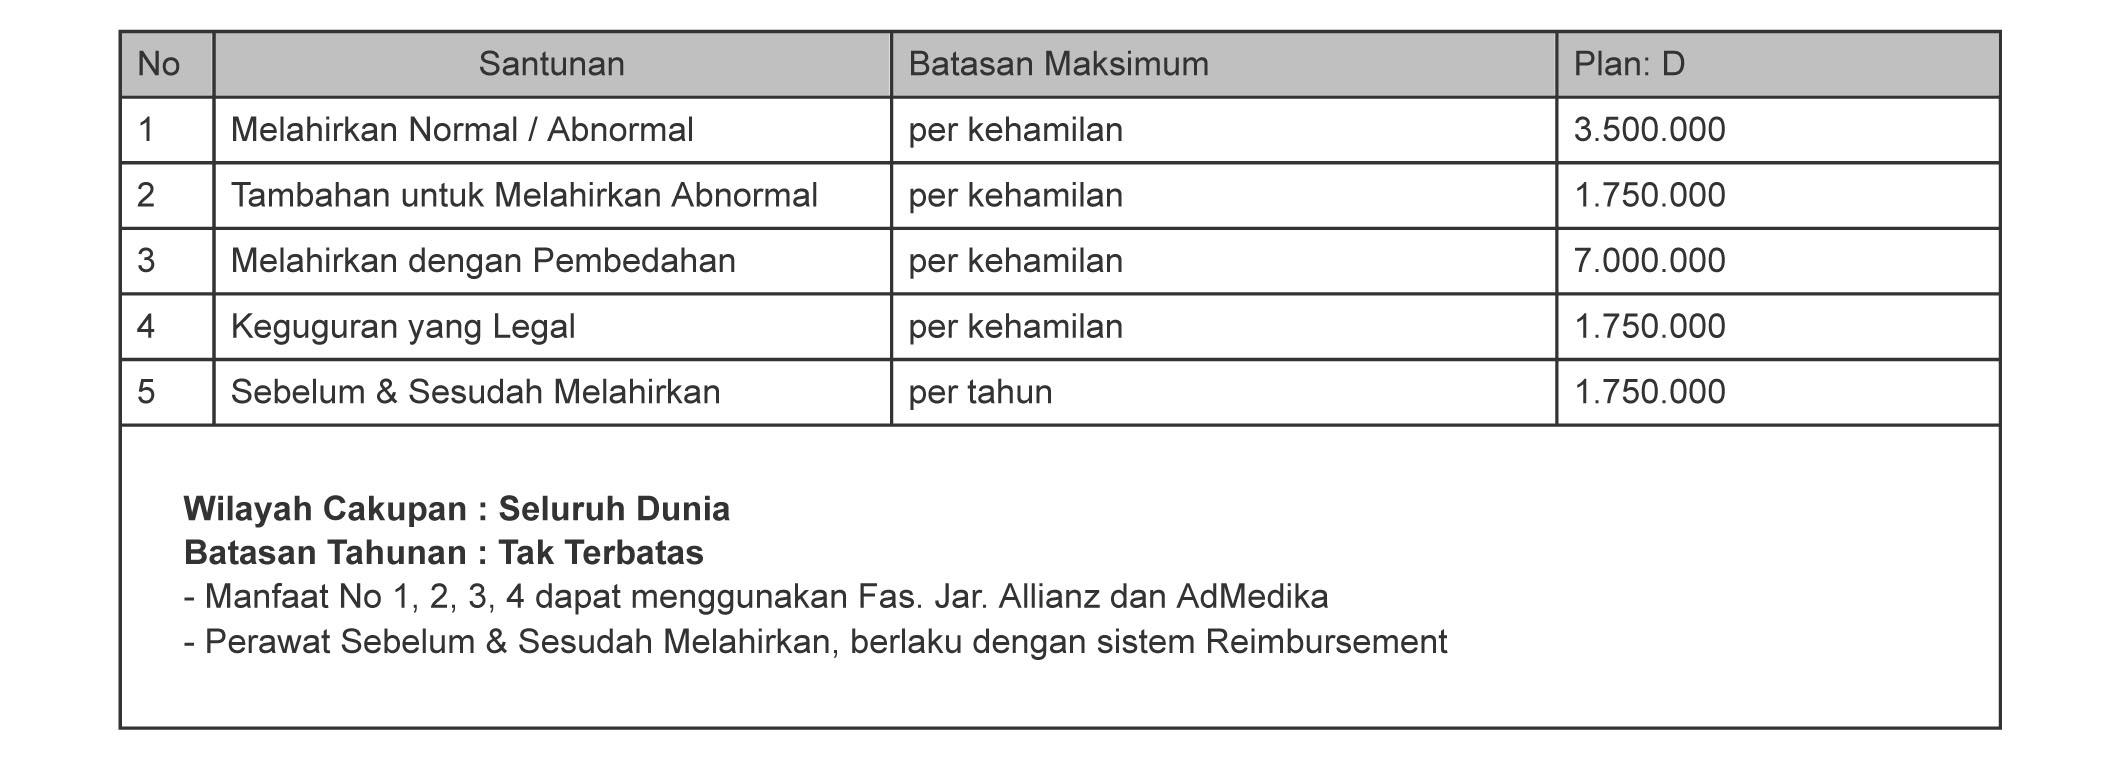 tabel manfaat asuransi melahirkan smarthealth maxi violet atau allisya care plan D